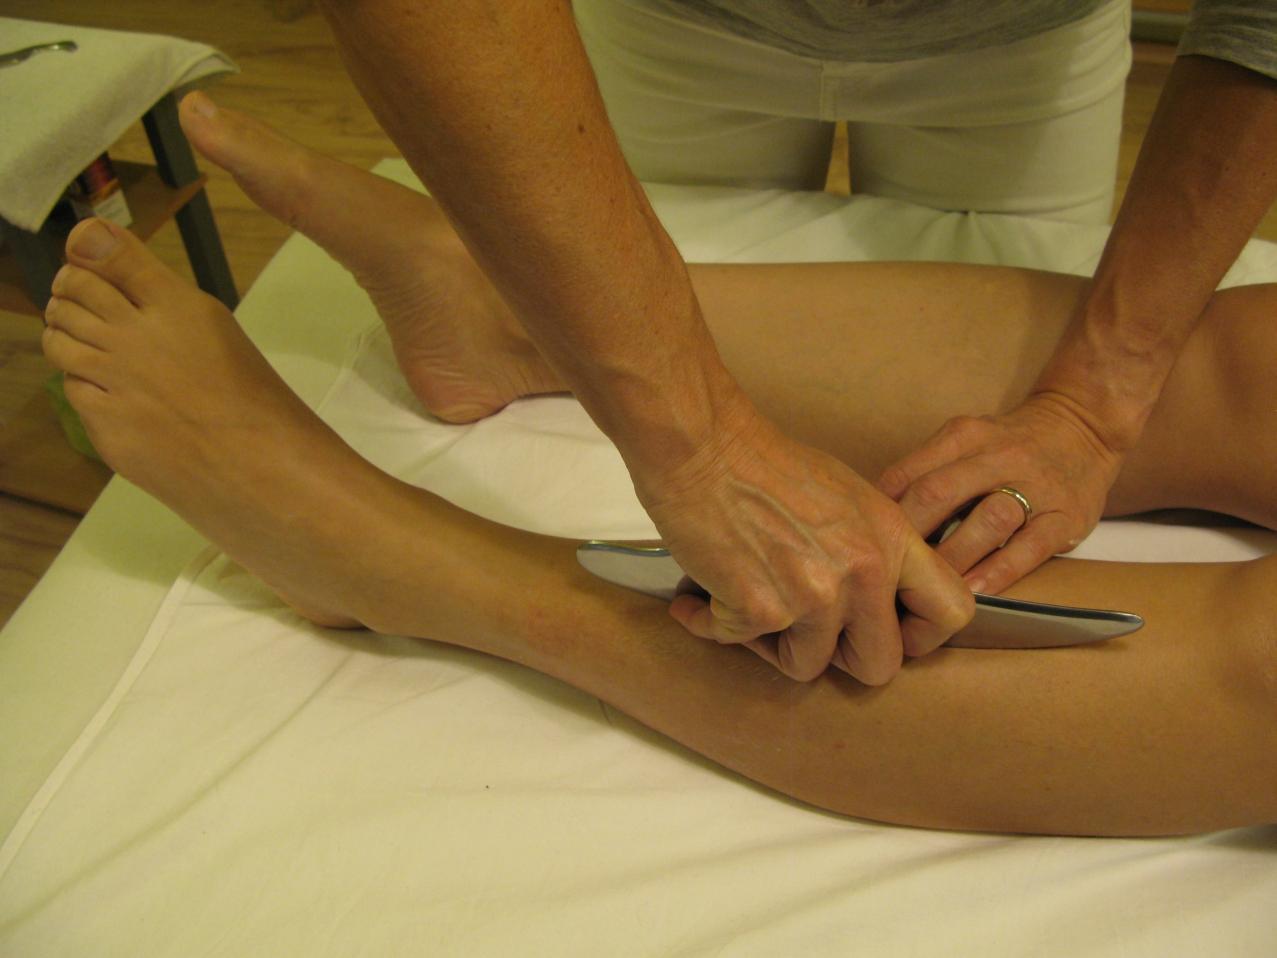 sípcsont fájdalom és ízületek ízületi patológia kezelése